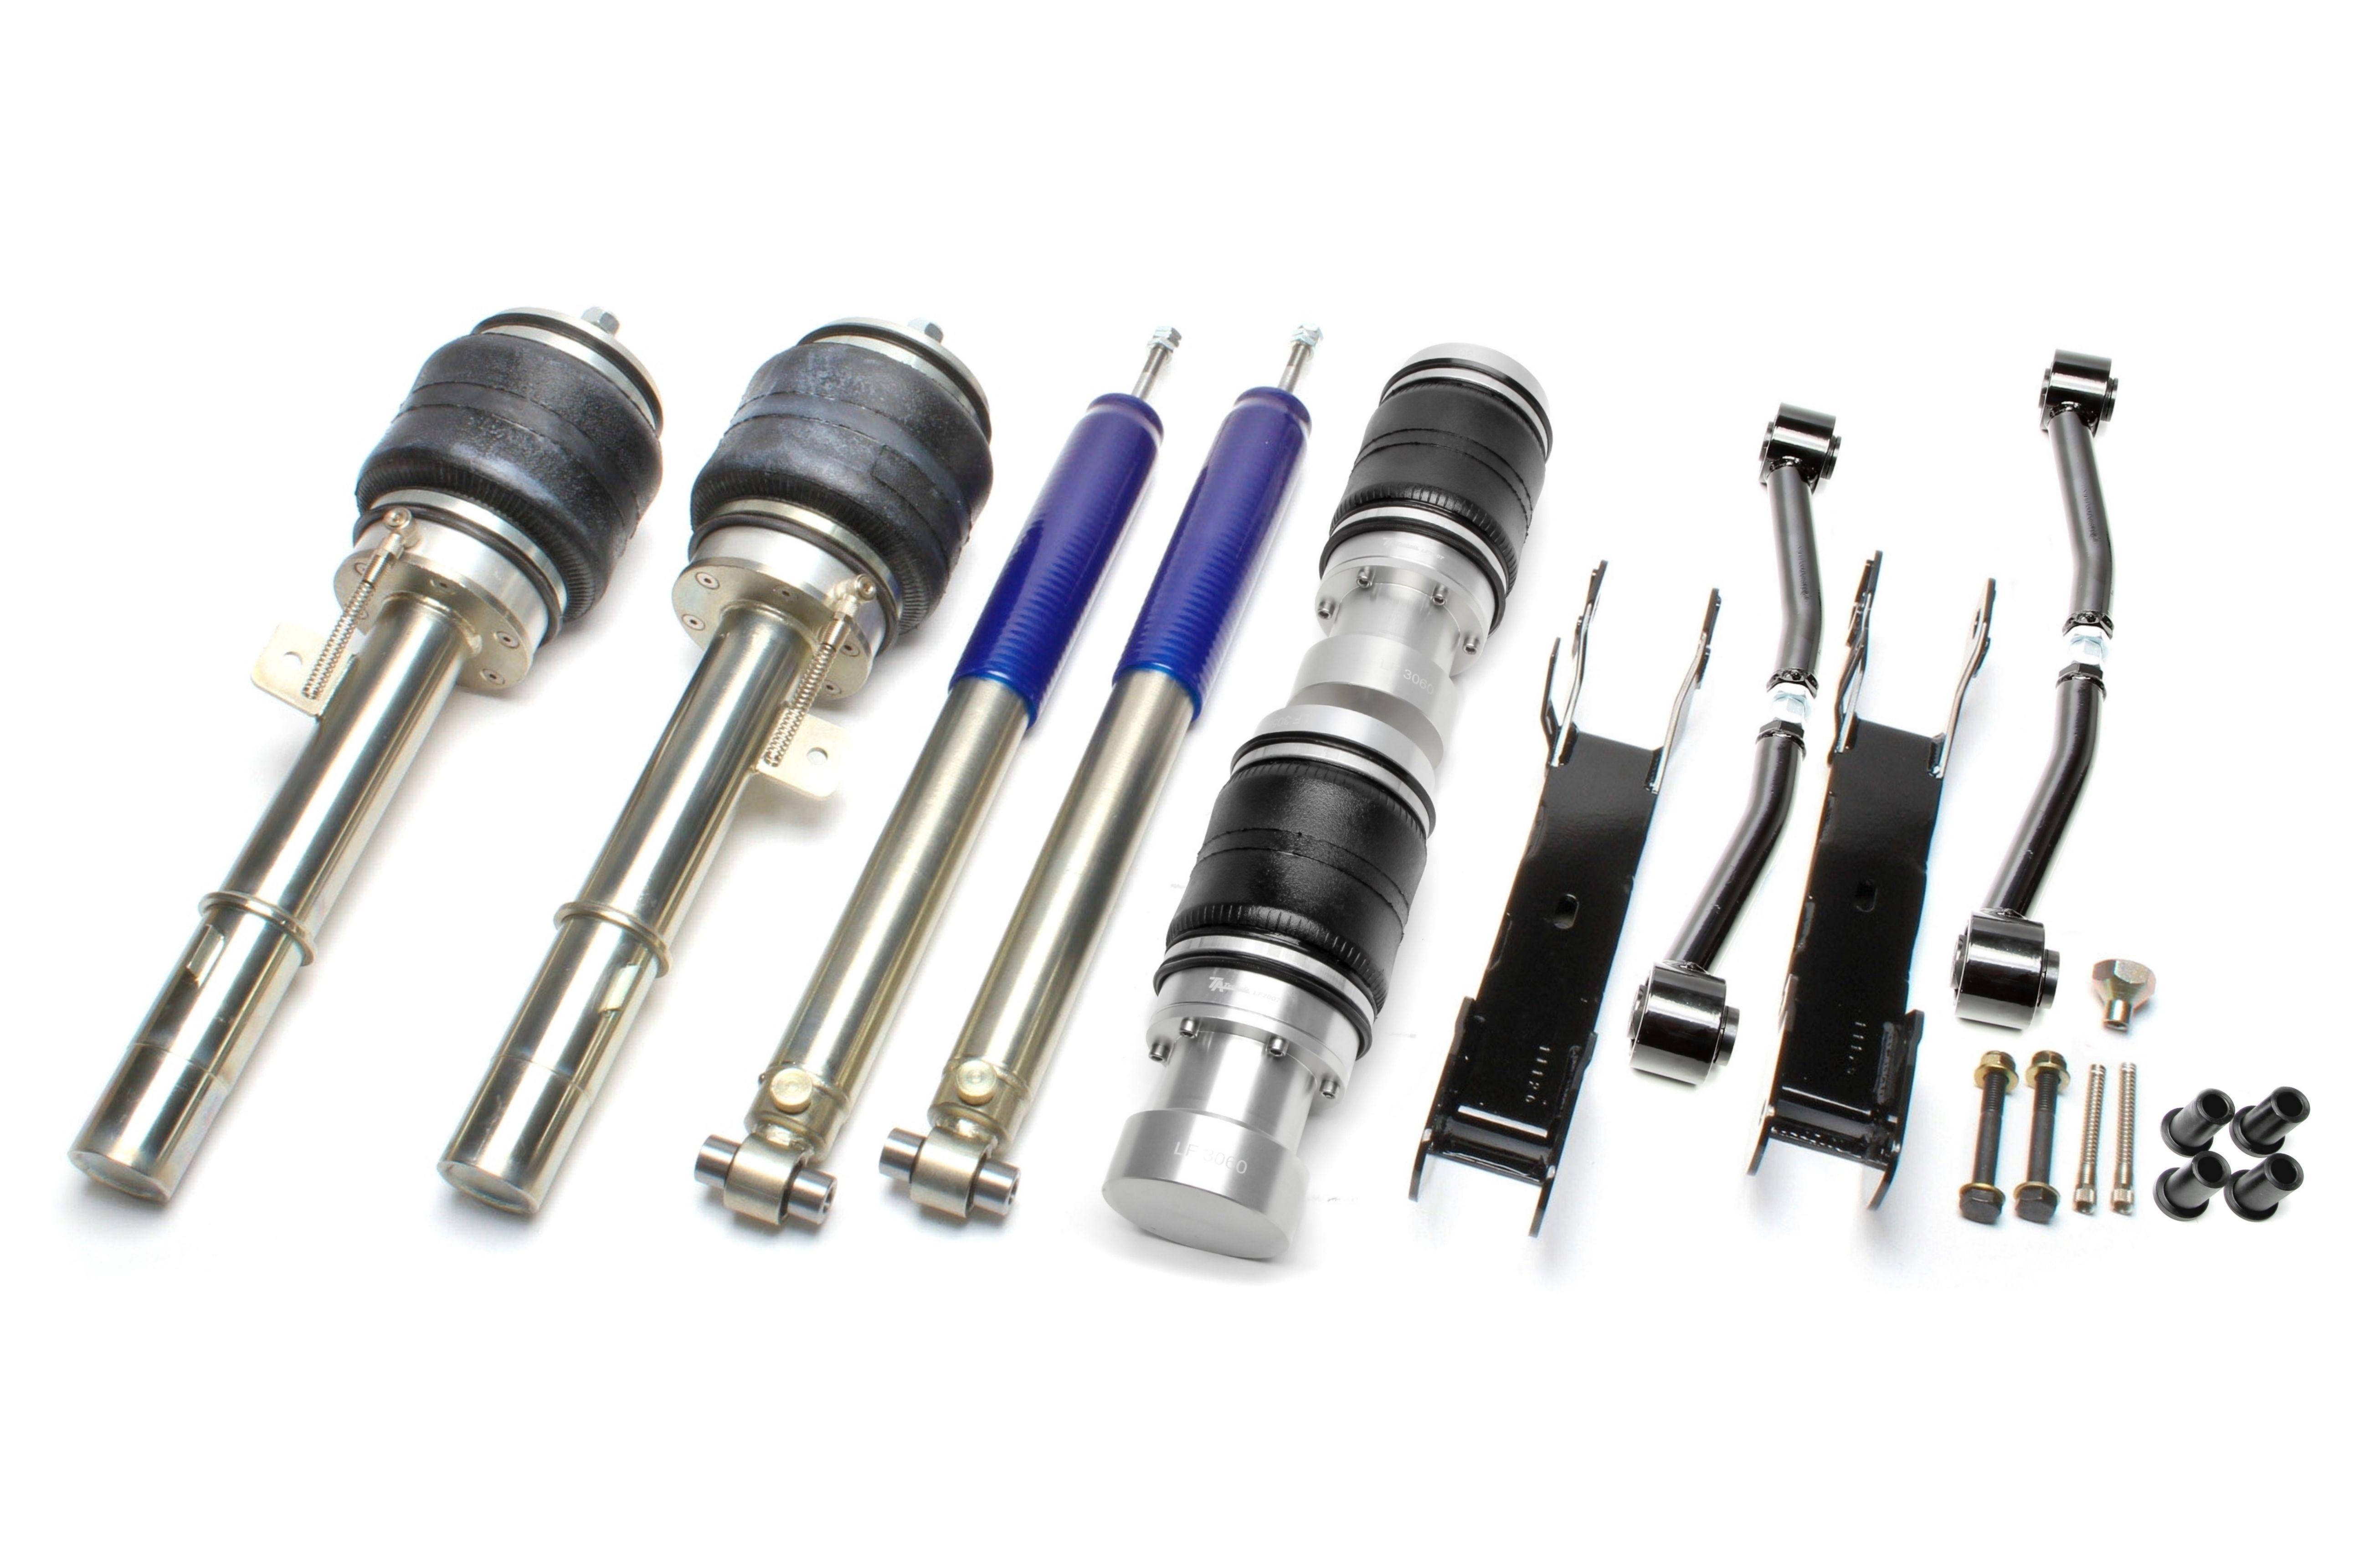 TA Technix härteverstellbarer Luftdämpfersatz für  BMW (1er E81, E82, E87, E88) (3er E90, E91, E92, E93)